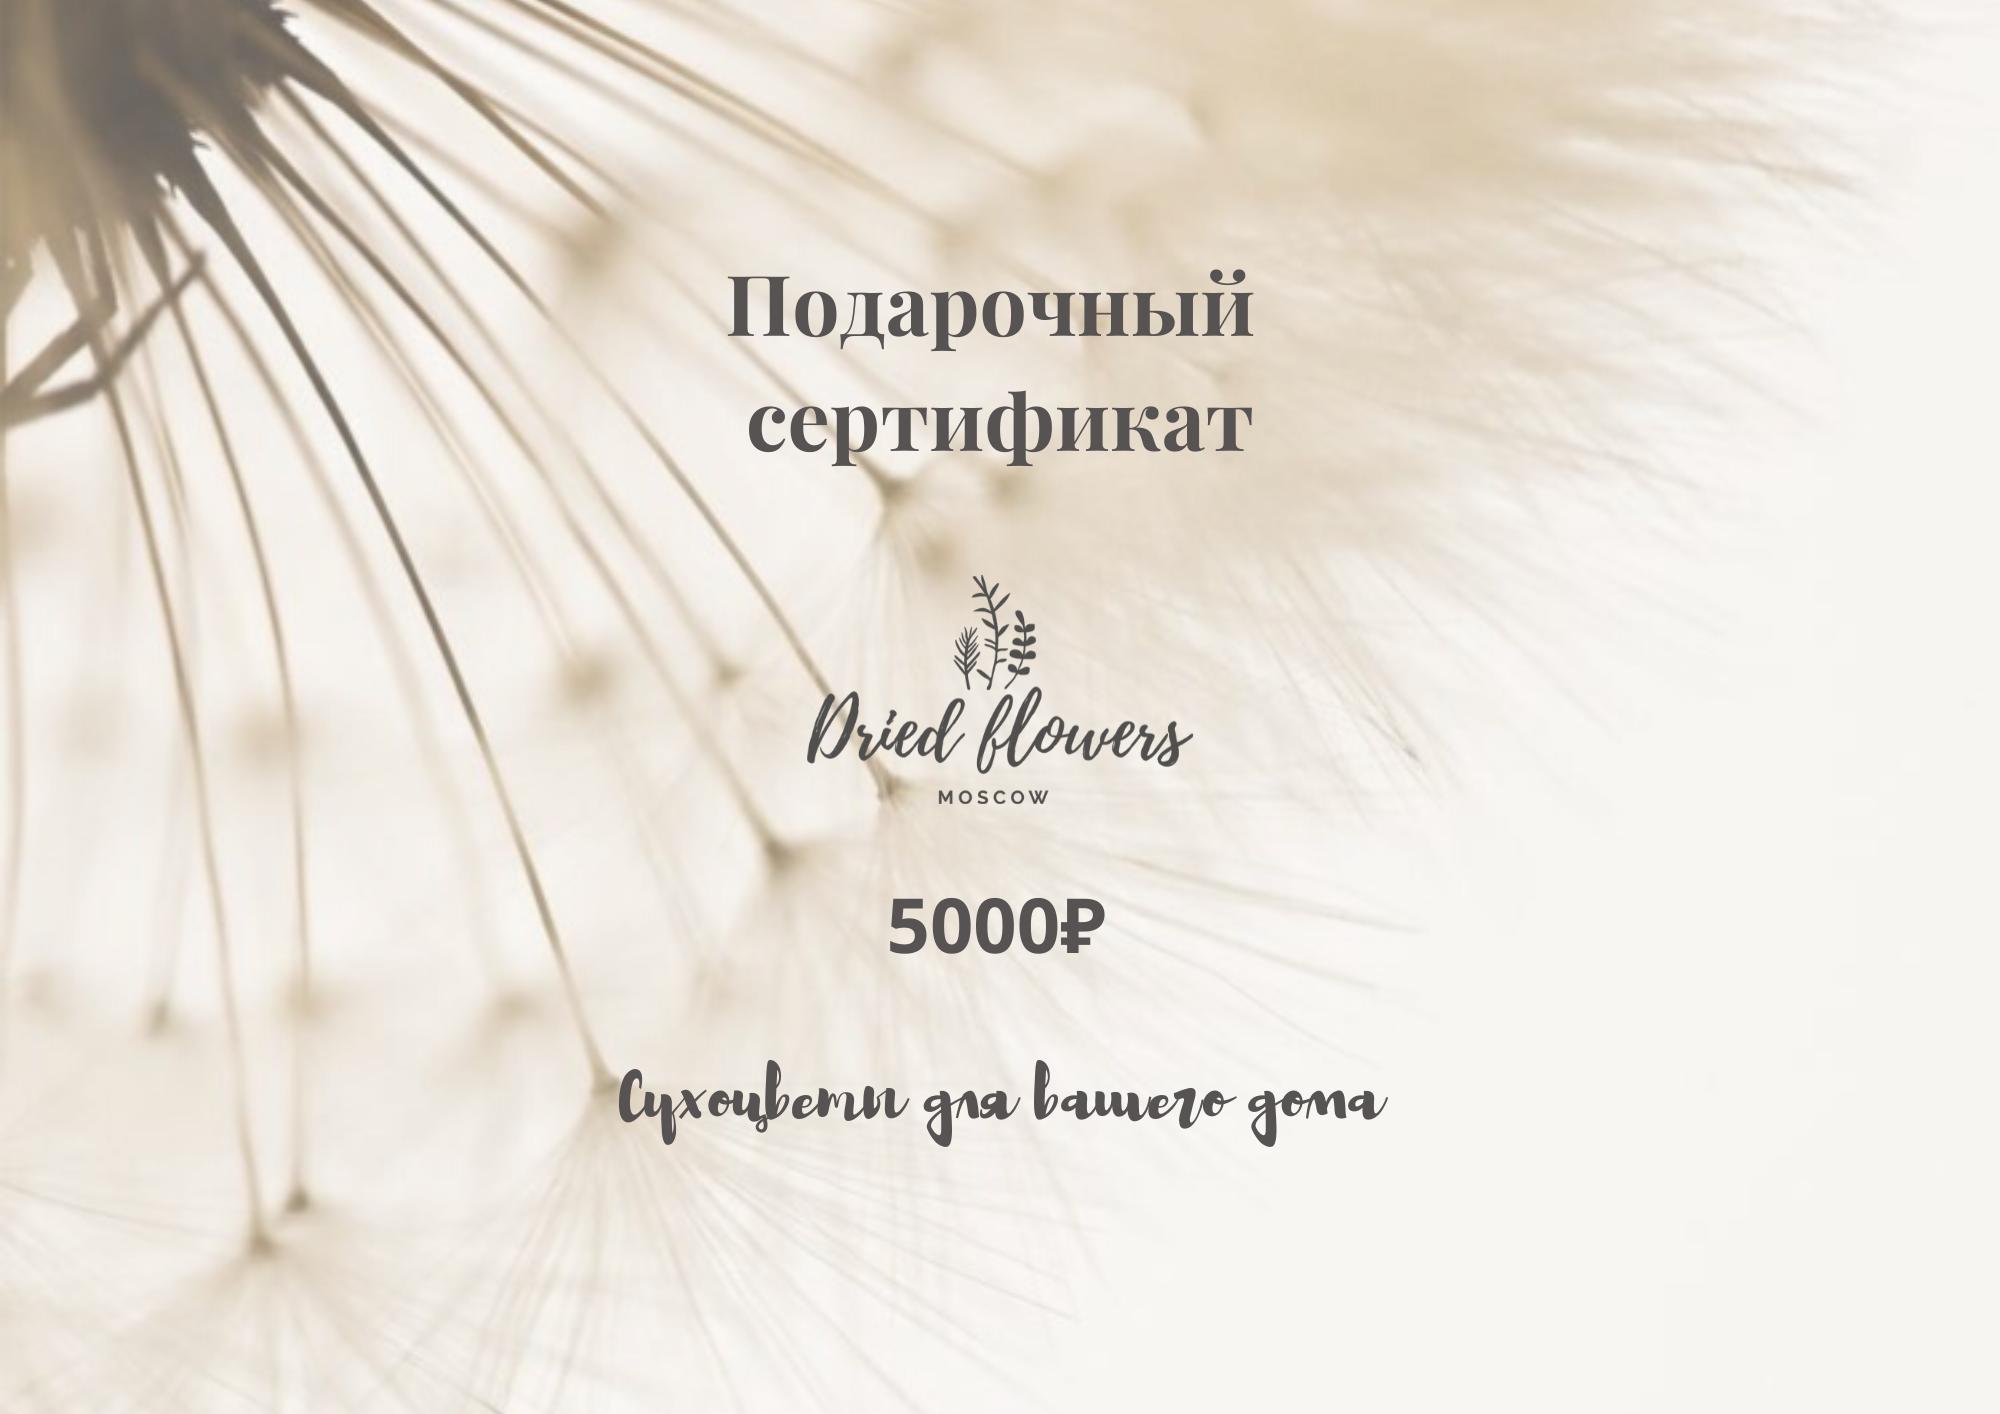 Подарочный сертификат на 5.000 рублей/Dried Flowers Moscow